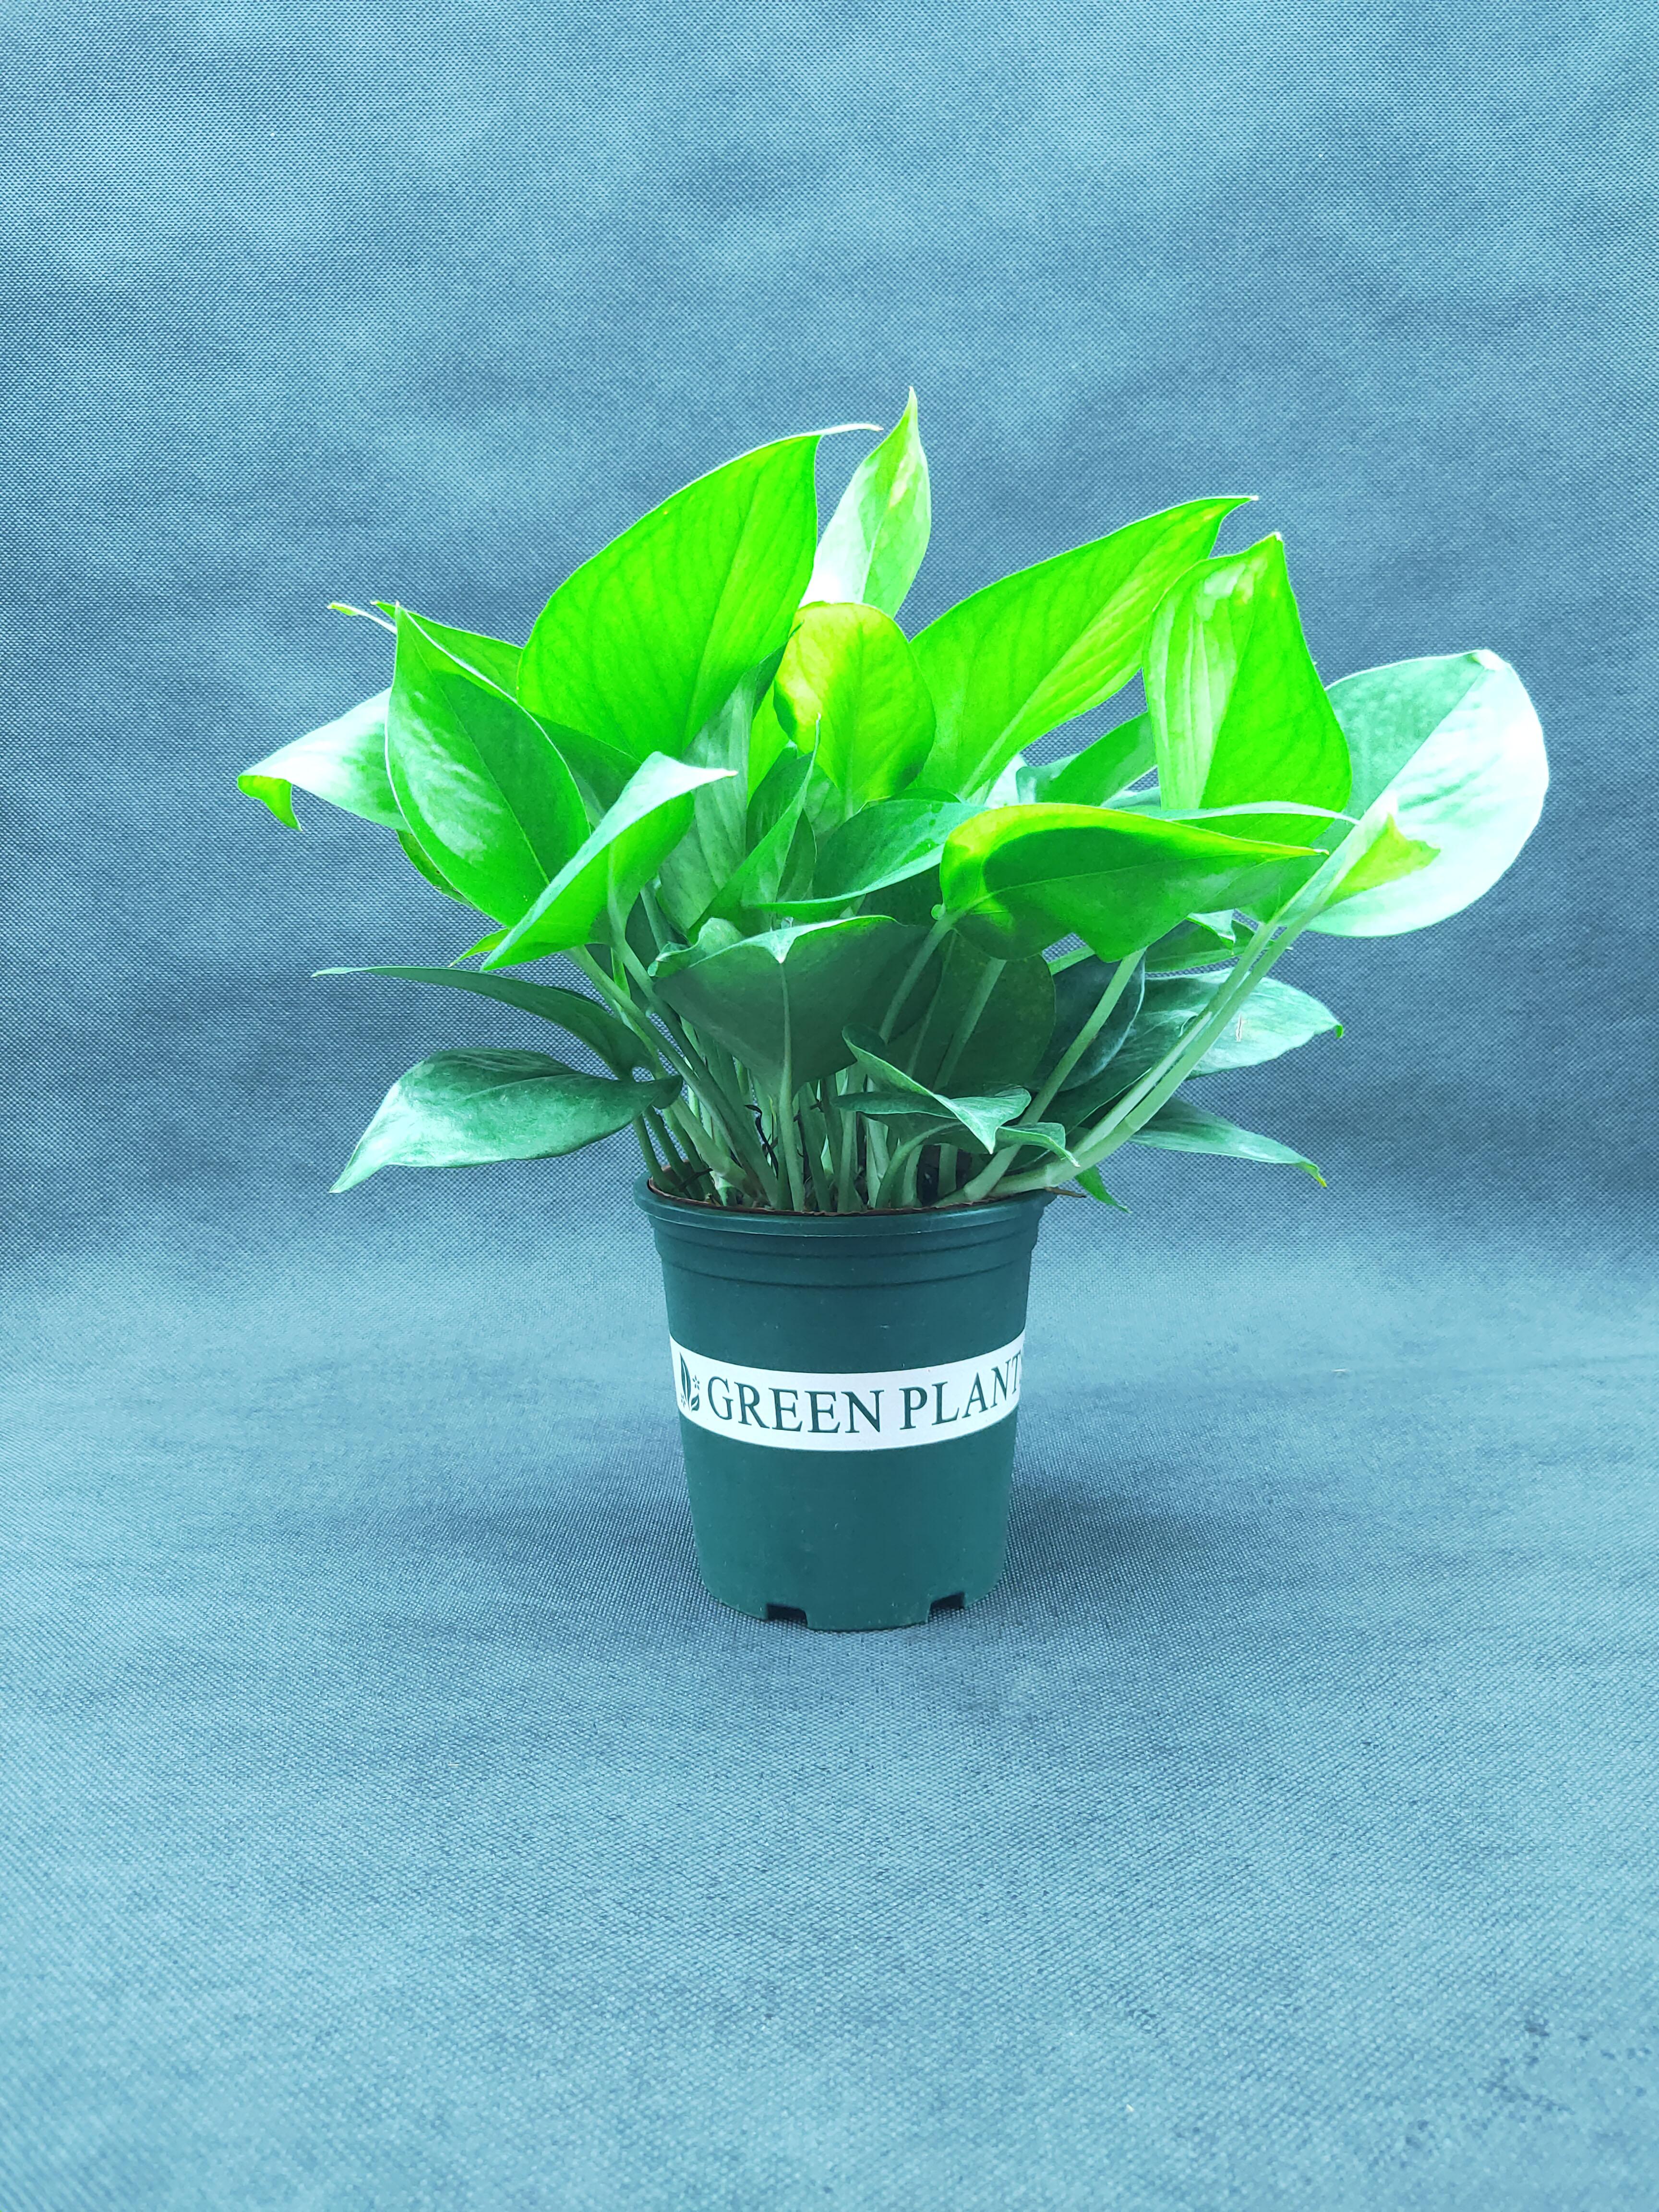 除甲醛净化空气绿萝盆栽室内植物水培长藤垂吊绿箩新房家用吸甲醛